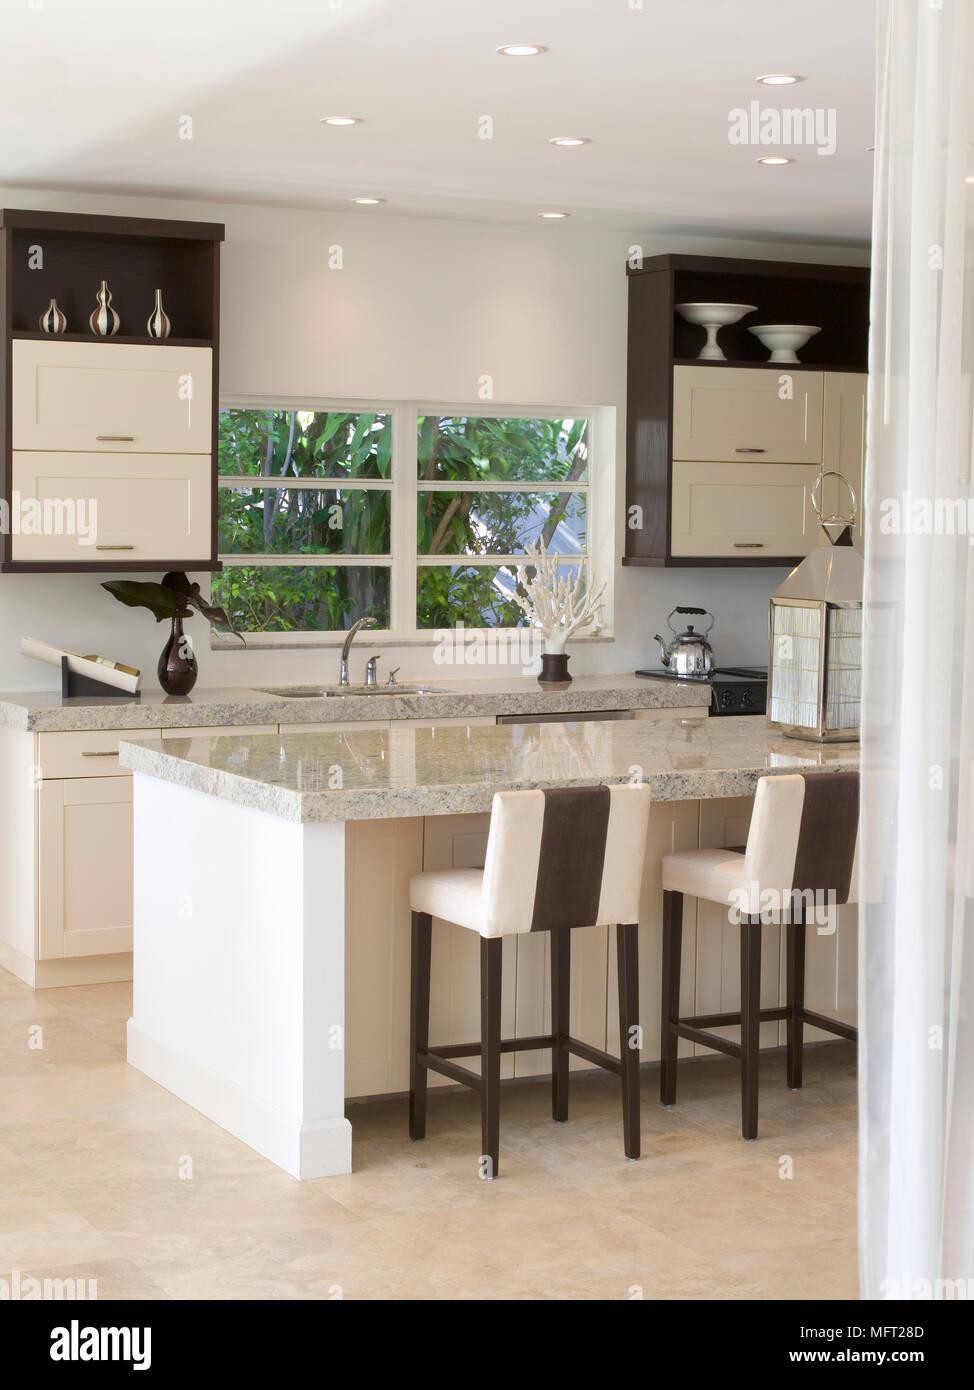 Cucina Con Sgabelli.Cucina Moderna Con Sgabelli A Colazione Bar Con Granito